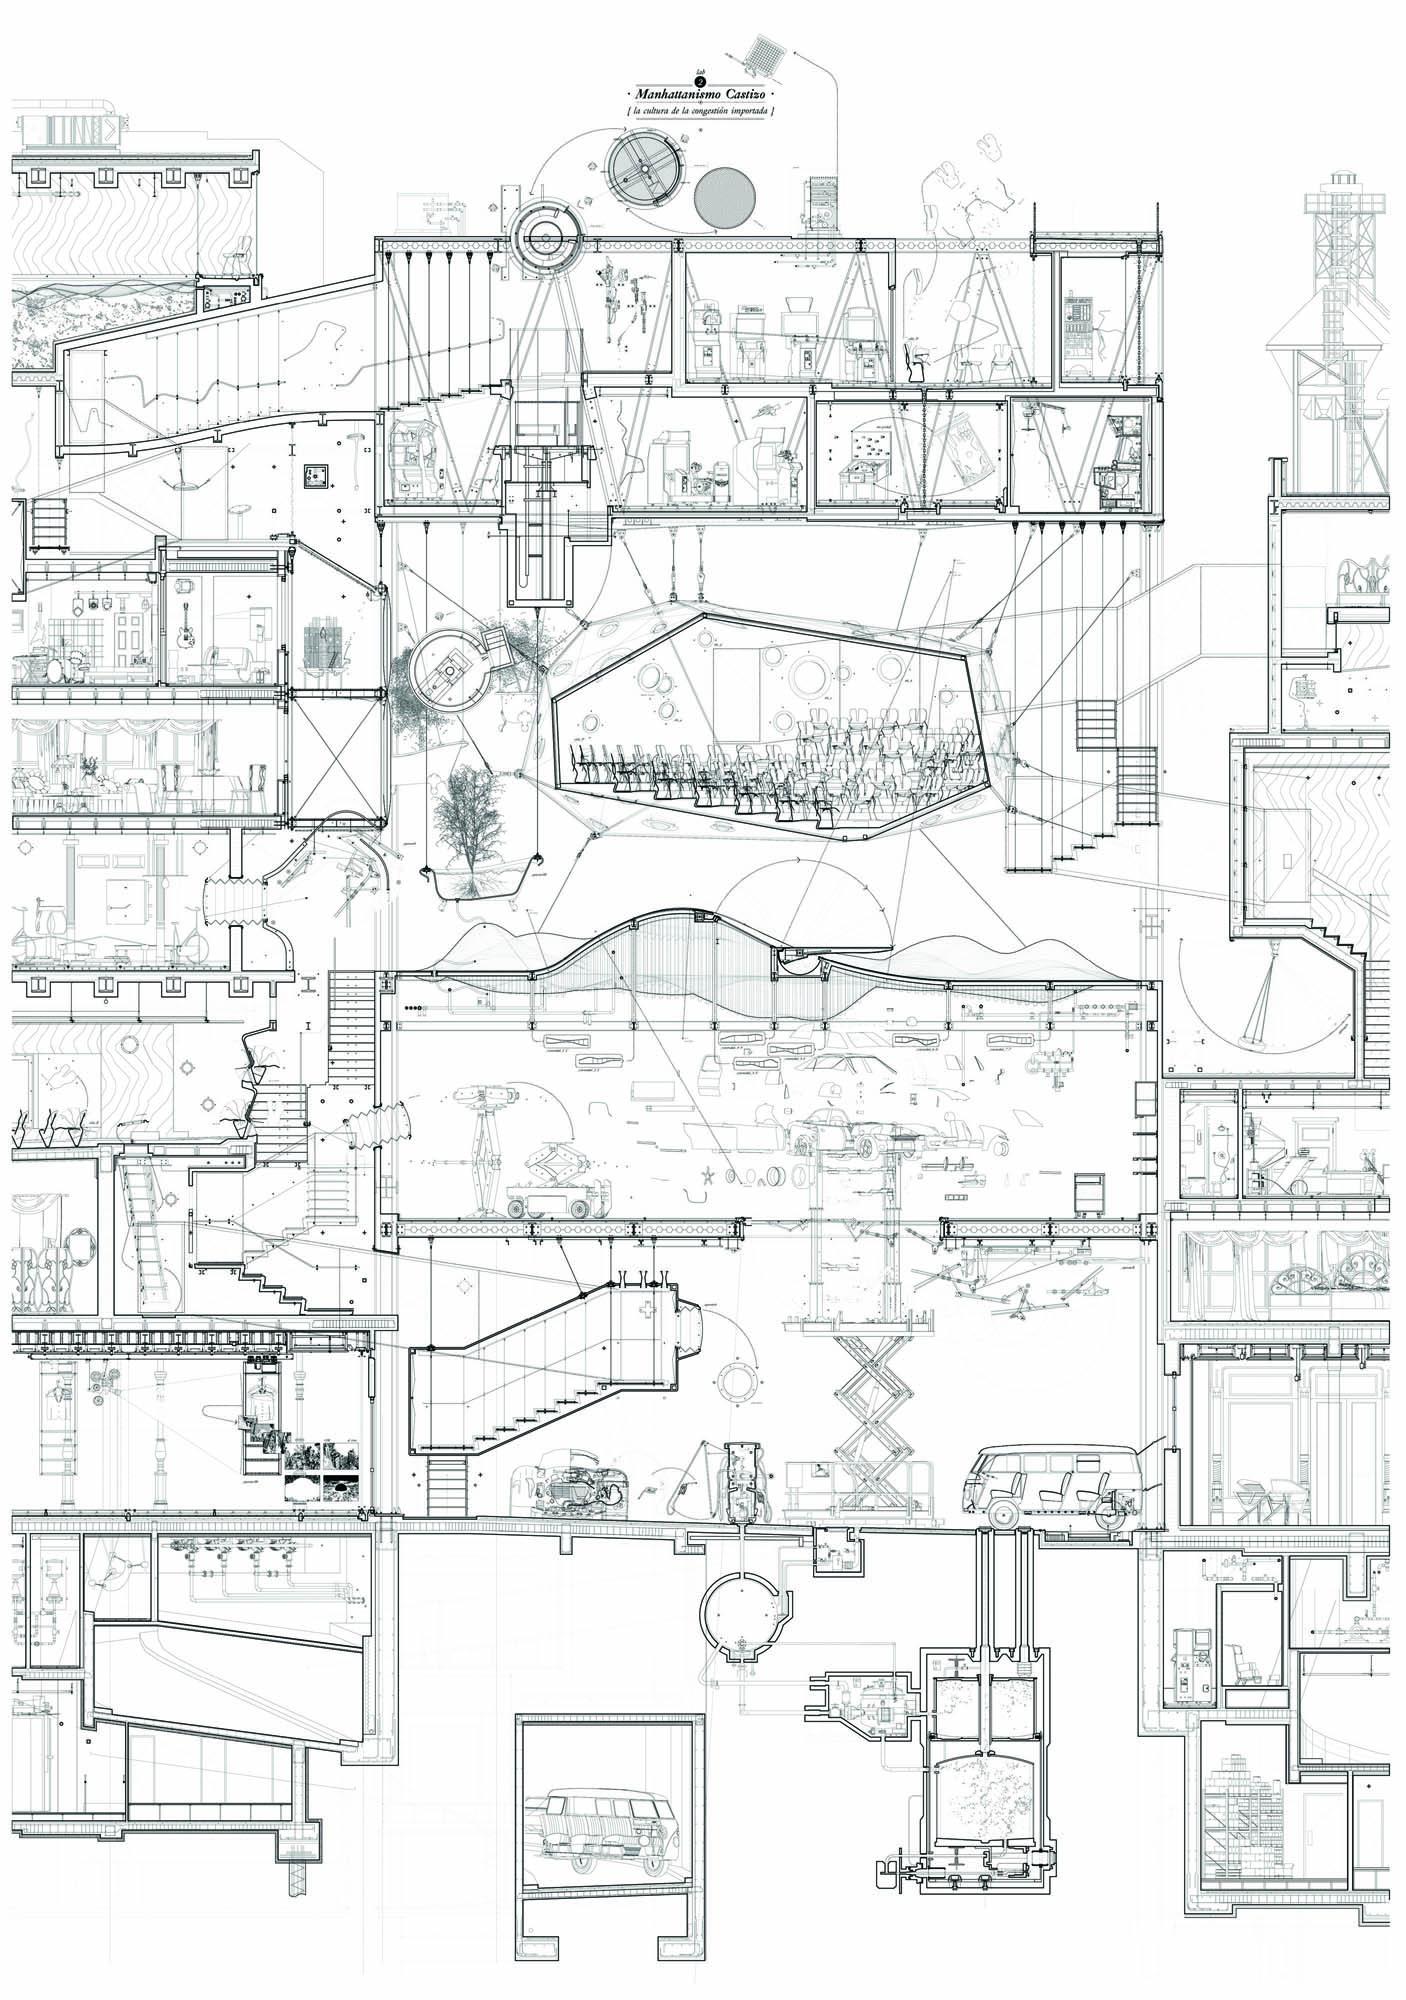 05_Lab2-Manhattanismo Castizo-SECTION